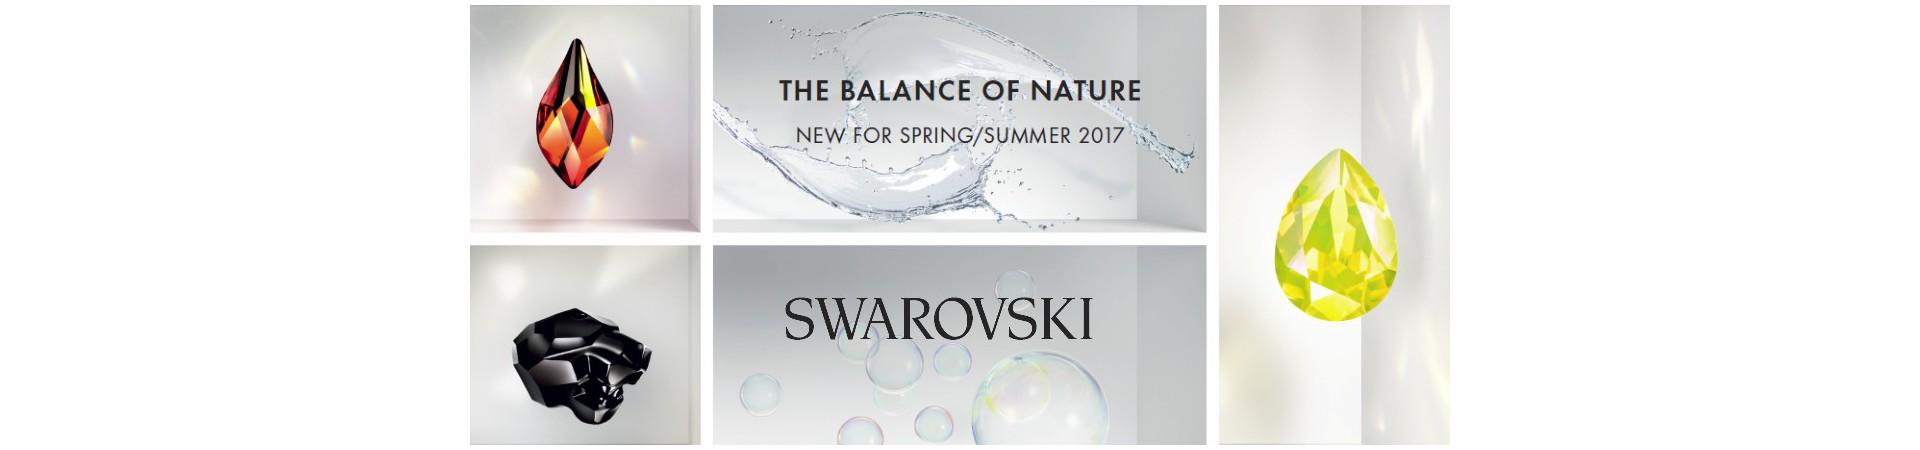 Swarovski Innovations & Inspirations for Spring/Summer 2017